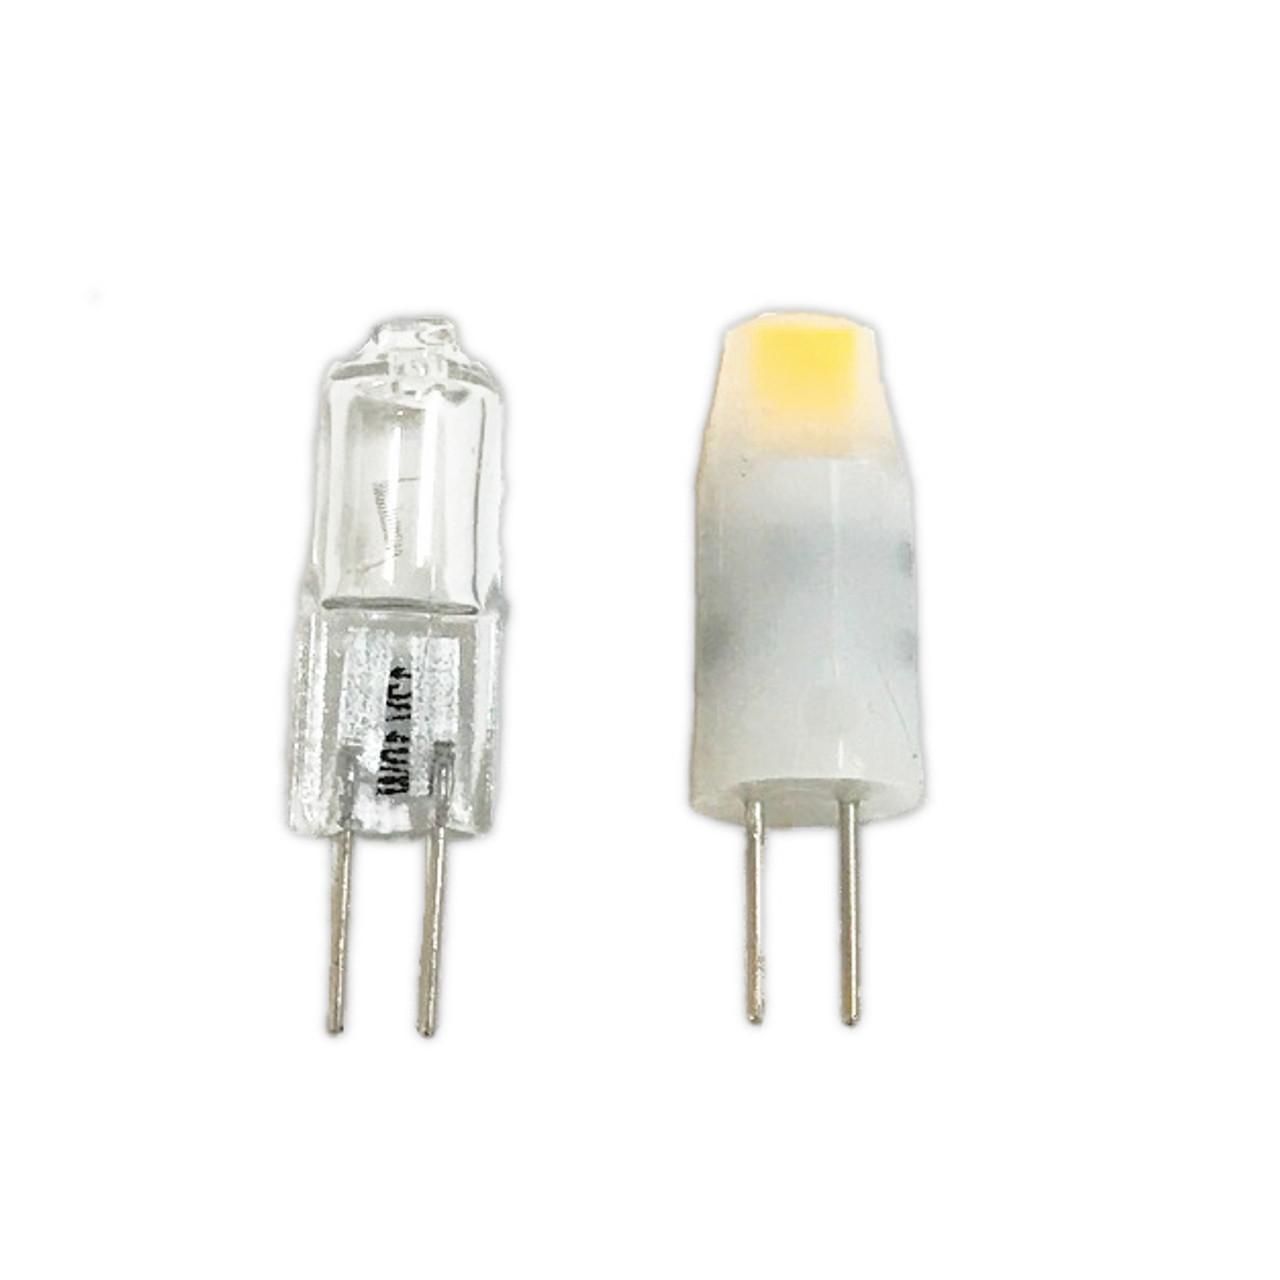 G4 Led Bulb >> 12v 24v Waterproof G4 Led Bulb Cob Led 1 2w 120 Lumens